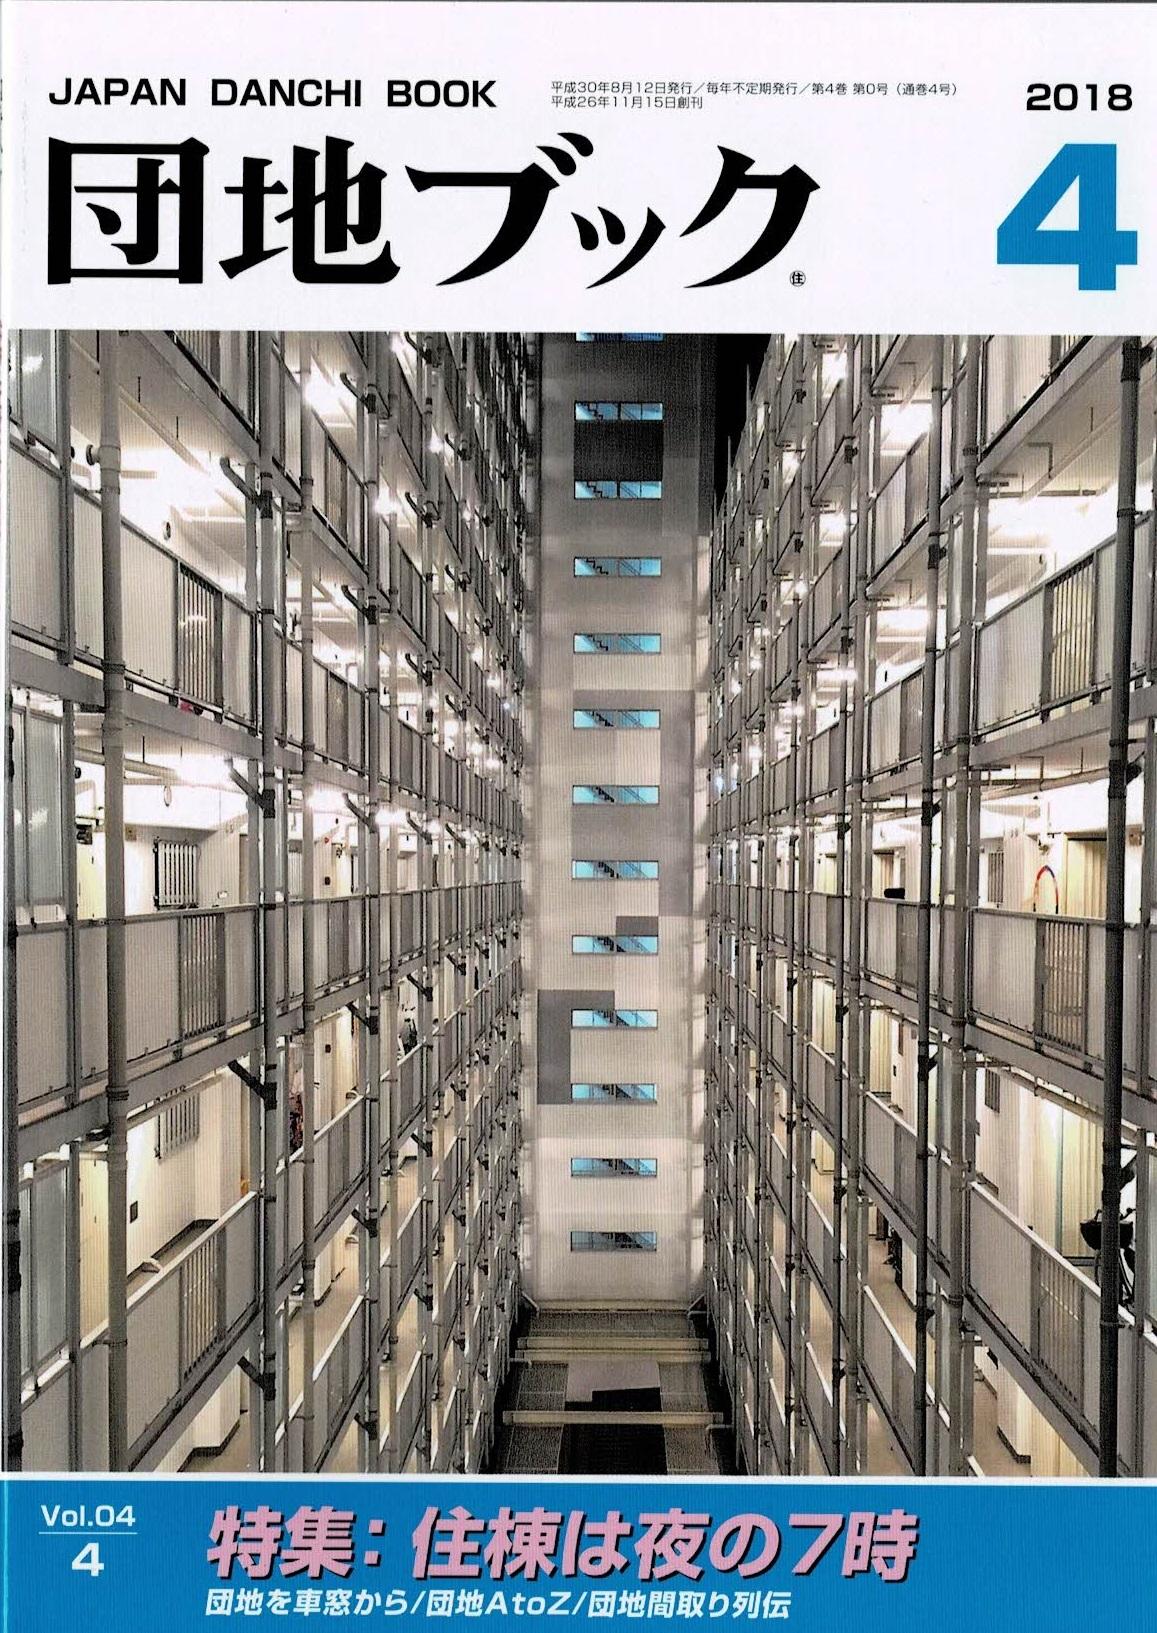 団地ブック4 特集:住棟は夜の7時 【チーム4.5畳】画像